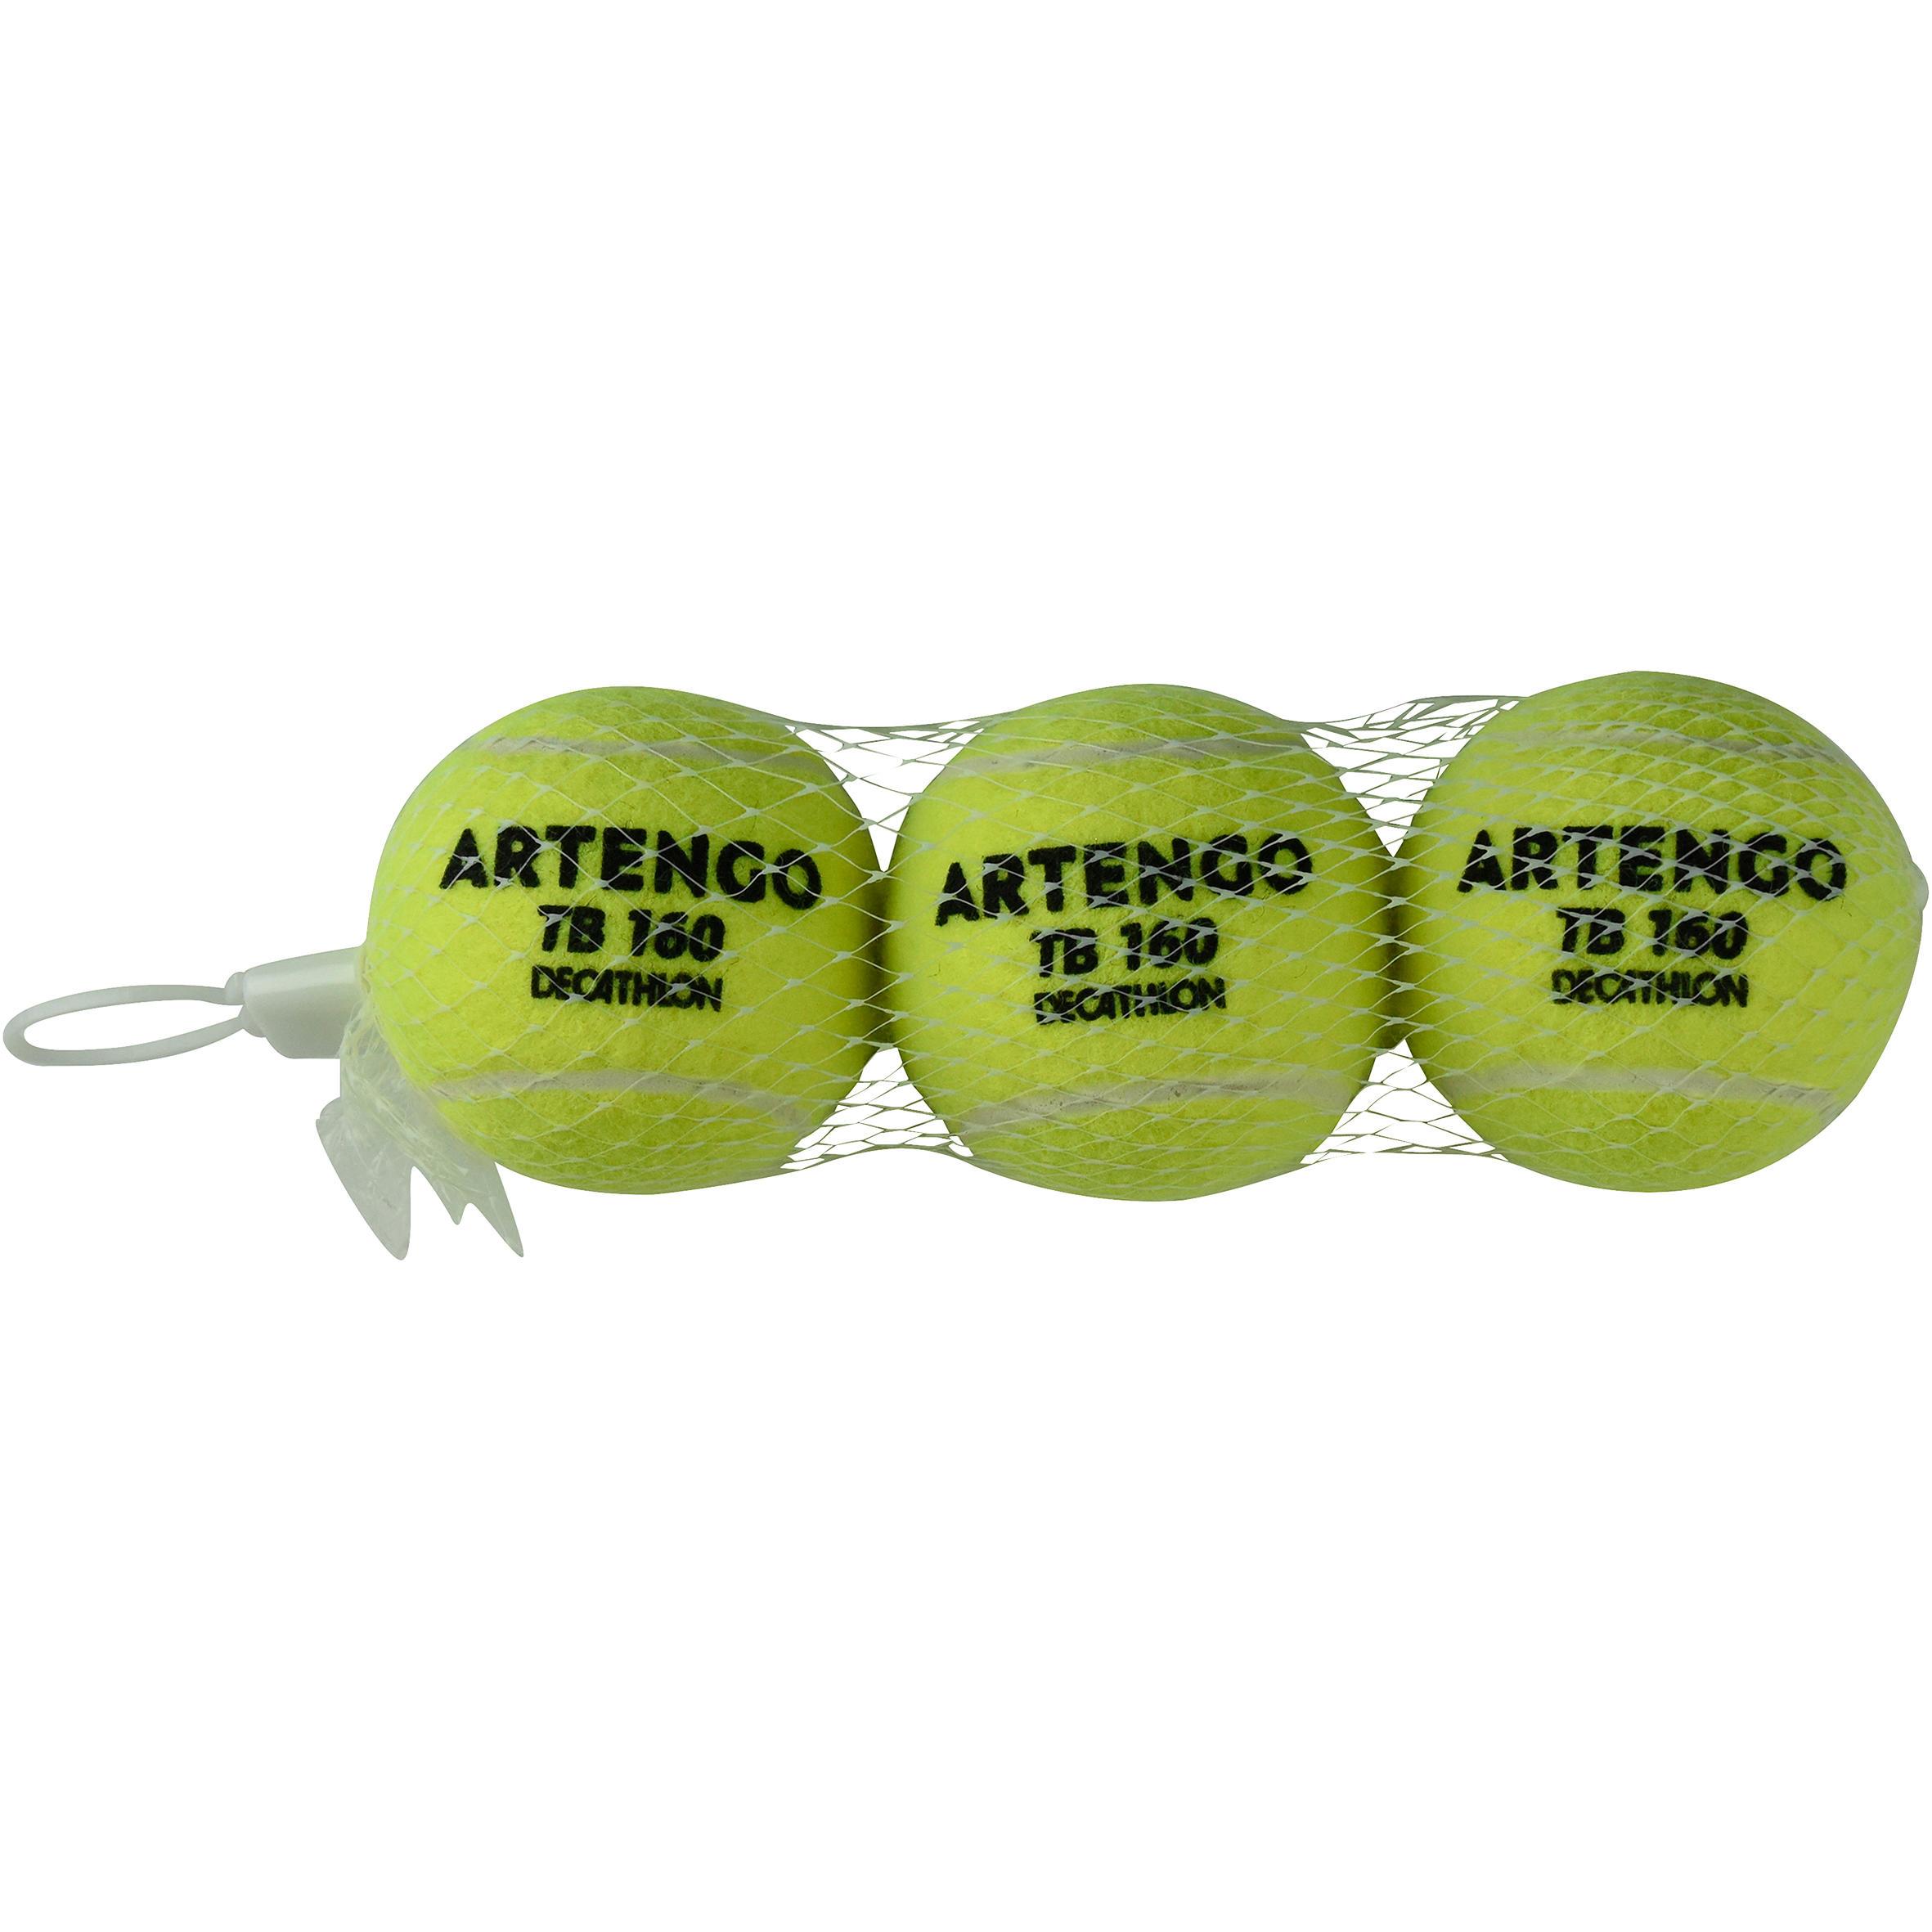 Artengo Tennisballen TB160 3 stuks geel